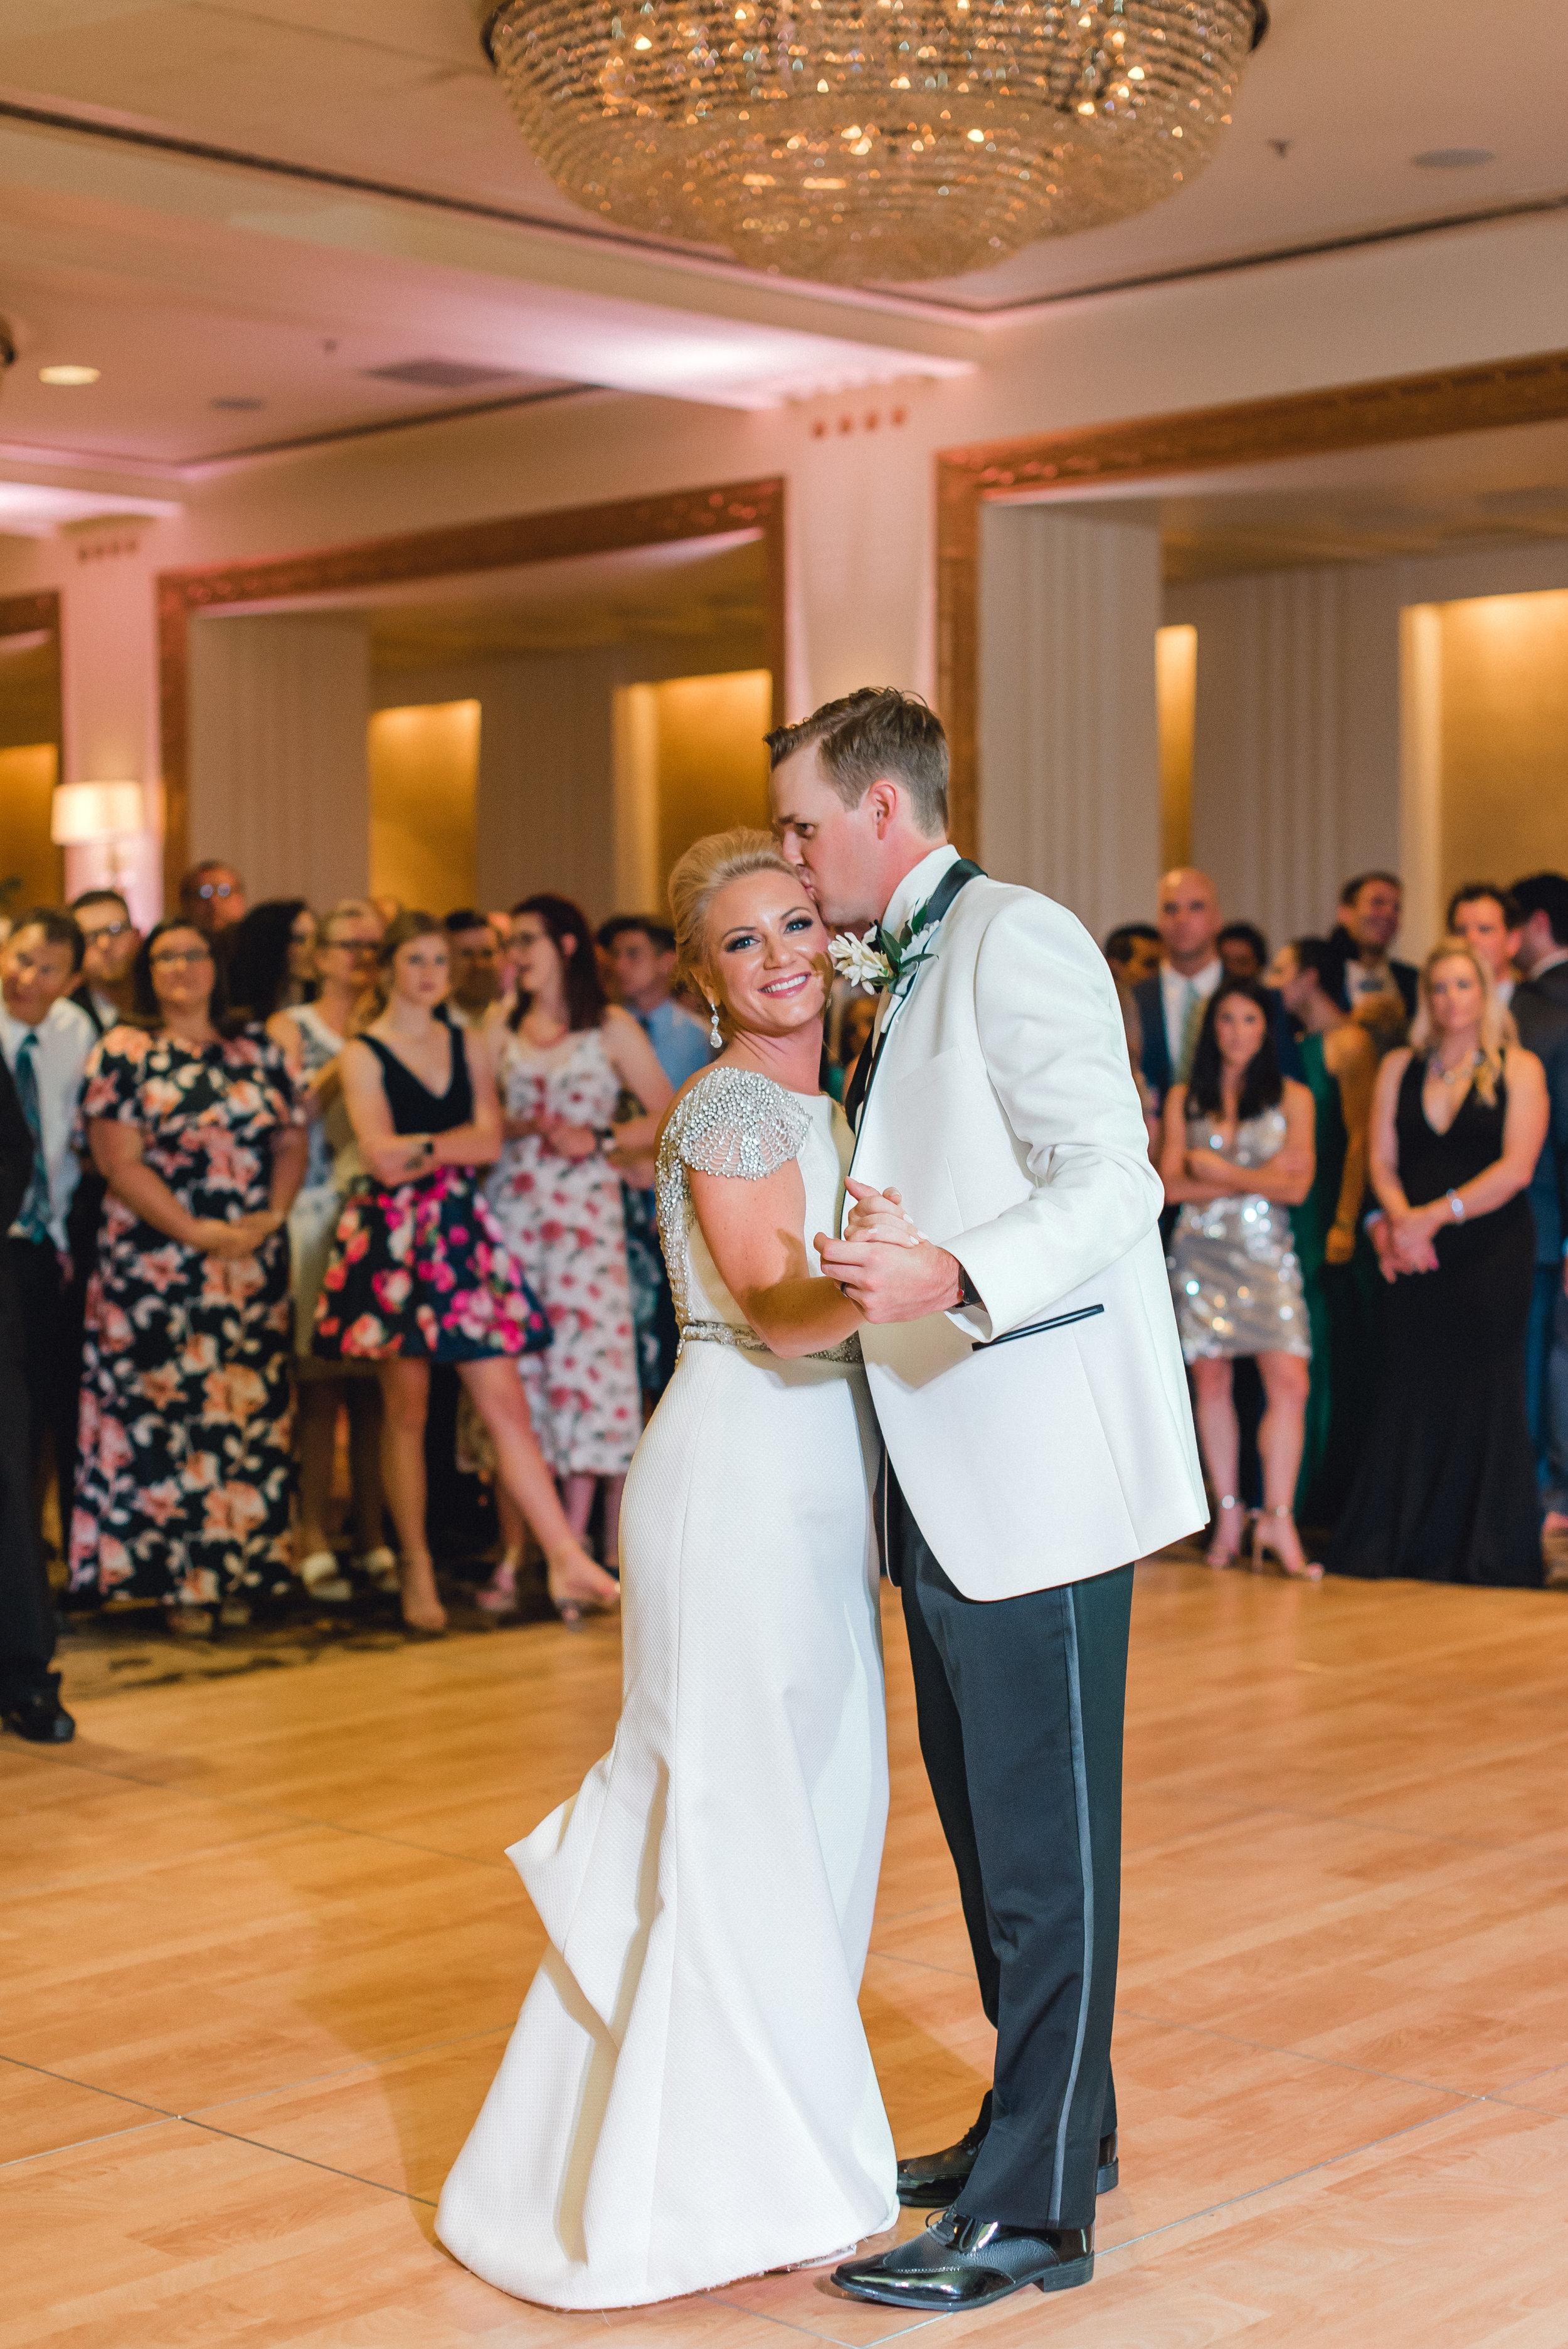 omni-william-penn-wedding-classic-chic-modern-photography-0034.jpg